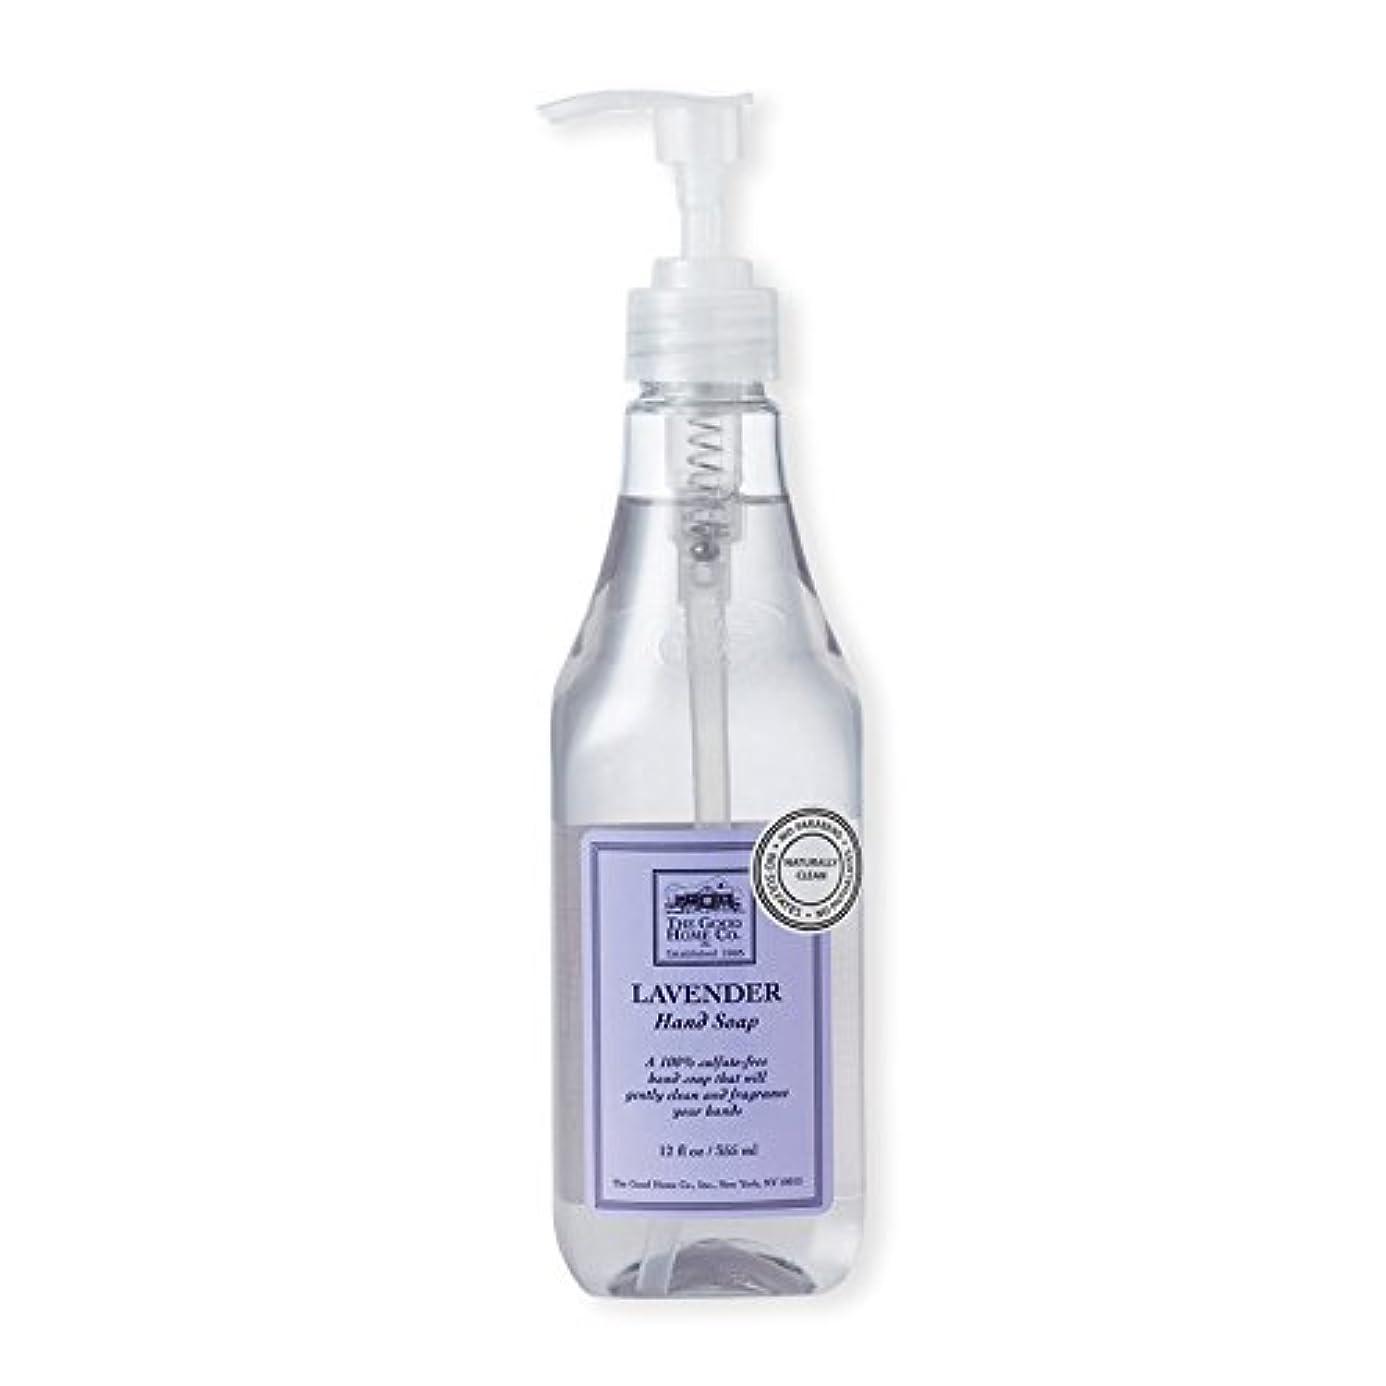 残高濃度提案するザ グッドホーム カンパニー HAND SOAP ハンドソープ 石鹸 せっけん ギフト 355ml レディーズ (並行輸入品)